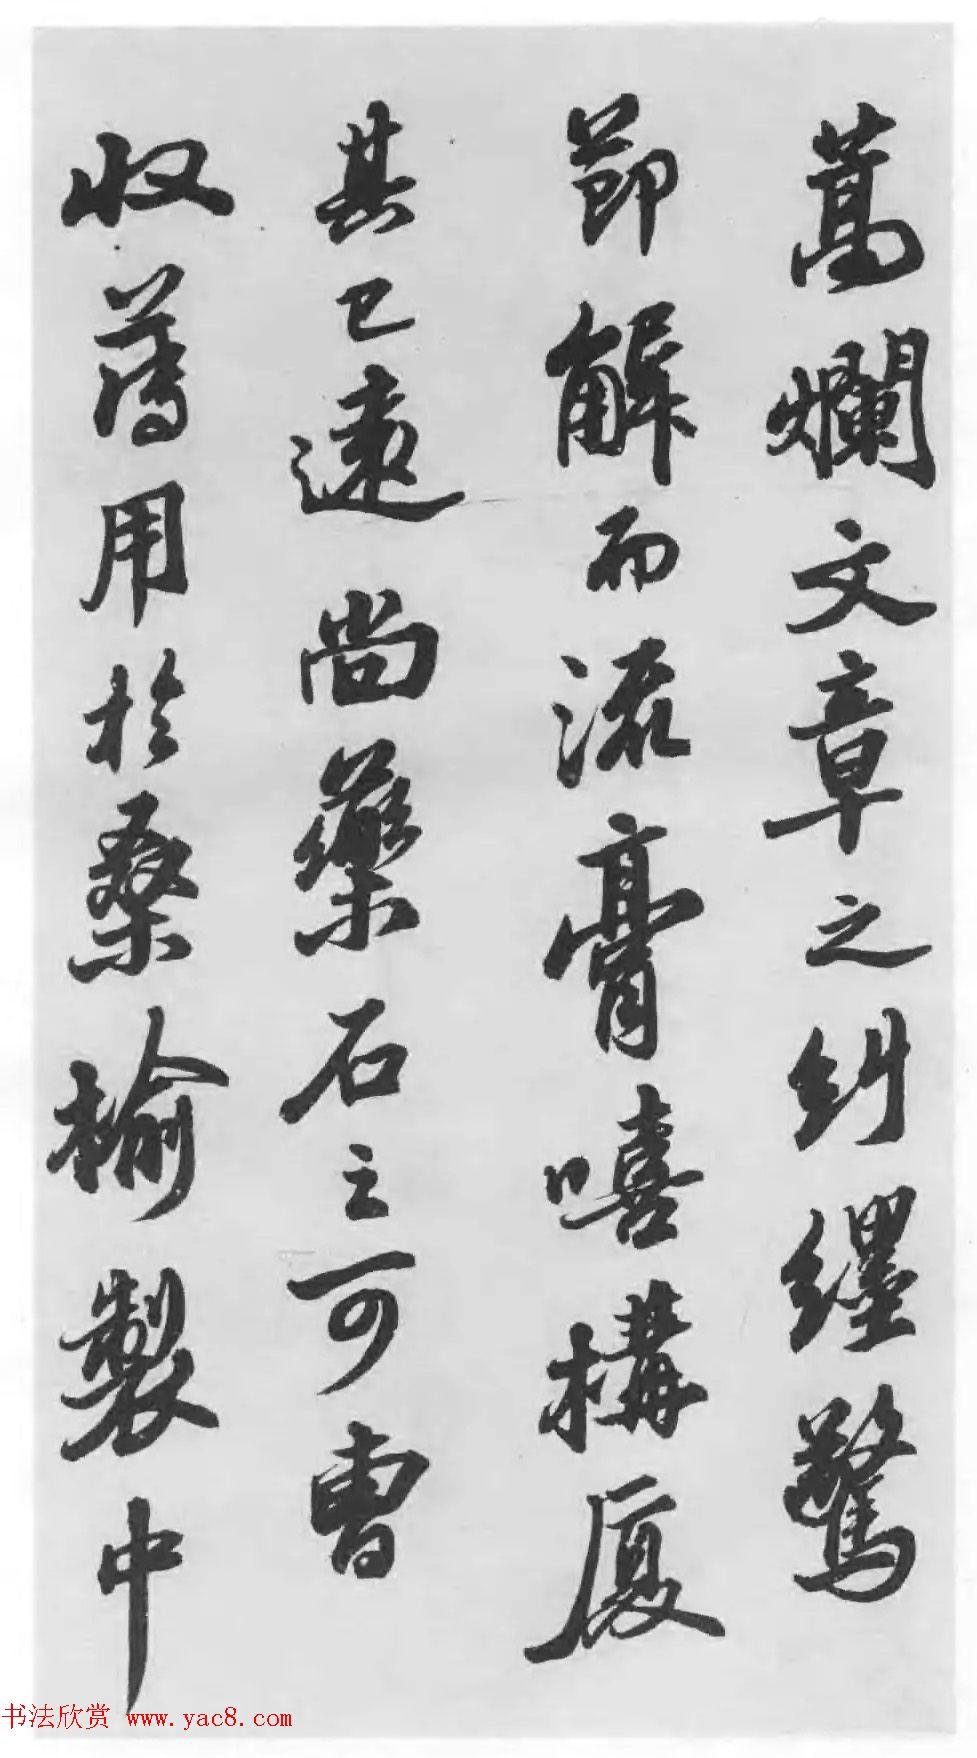 著名书法家沙孟海临苏轼三帖